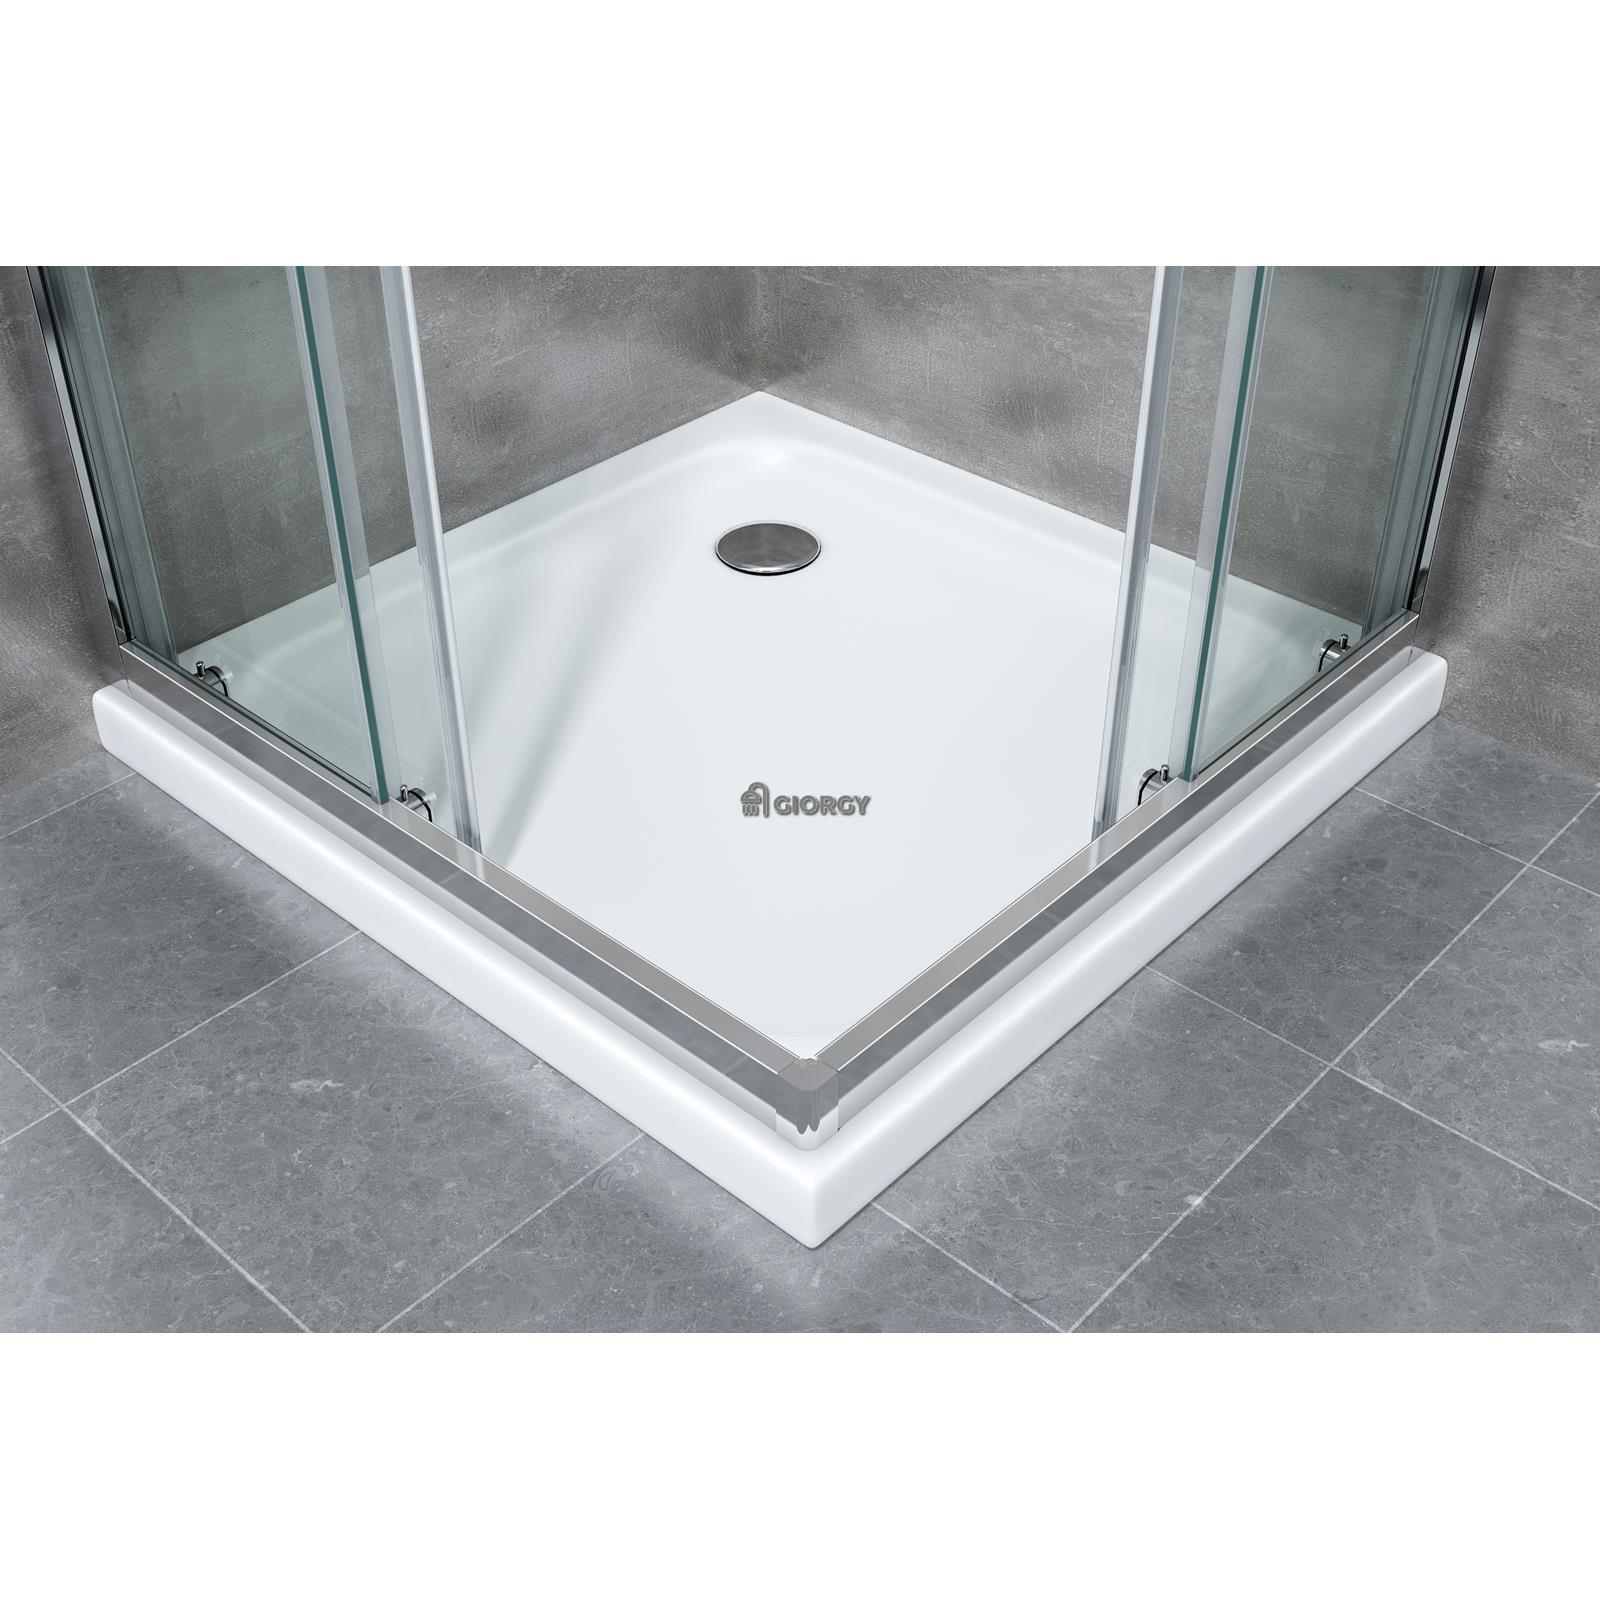 Caja cabina ducha ba o angular corredero rectangular 70 80 - Cabina ducha rectangular ...